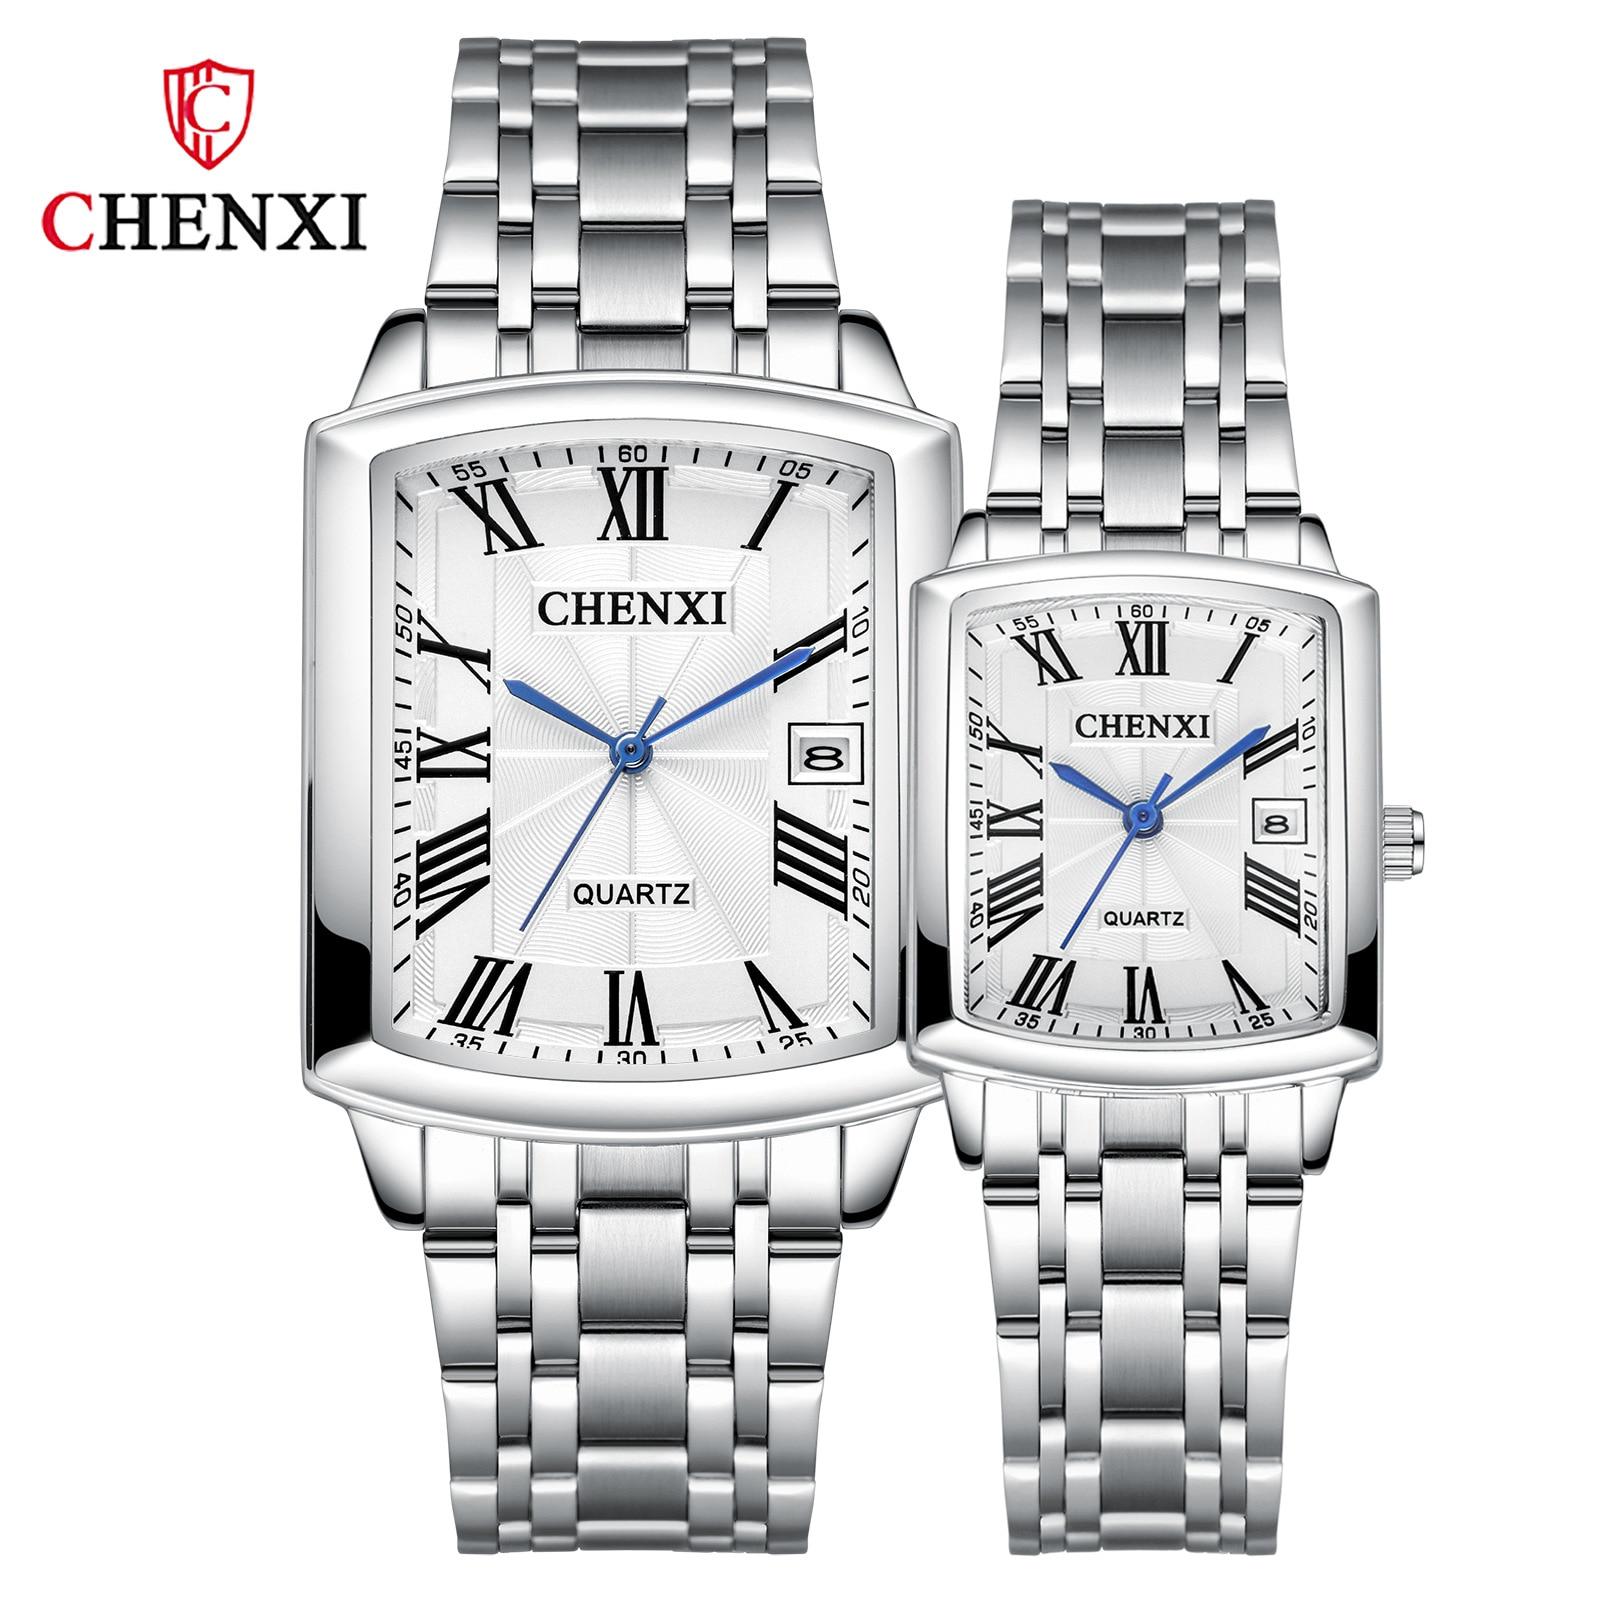 Парные часы, повседневные кварцевые часы с календарем 079a, прямые продажи с фабрики, оптовая продажа мужских часов